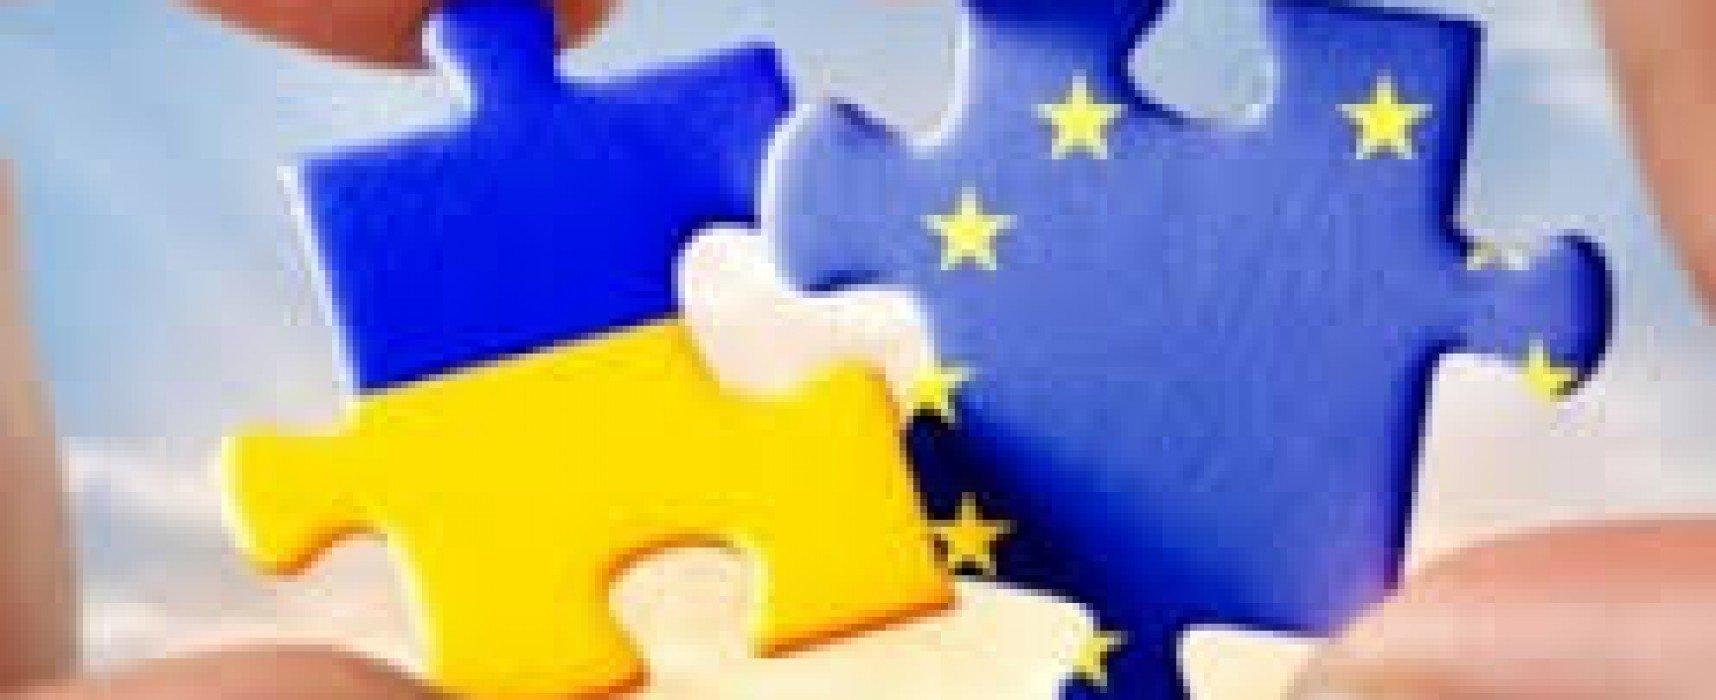 Rel en realiteit rond het referendum